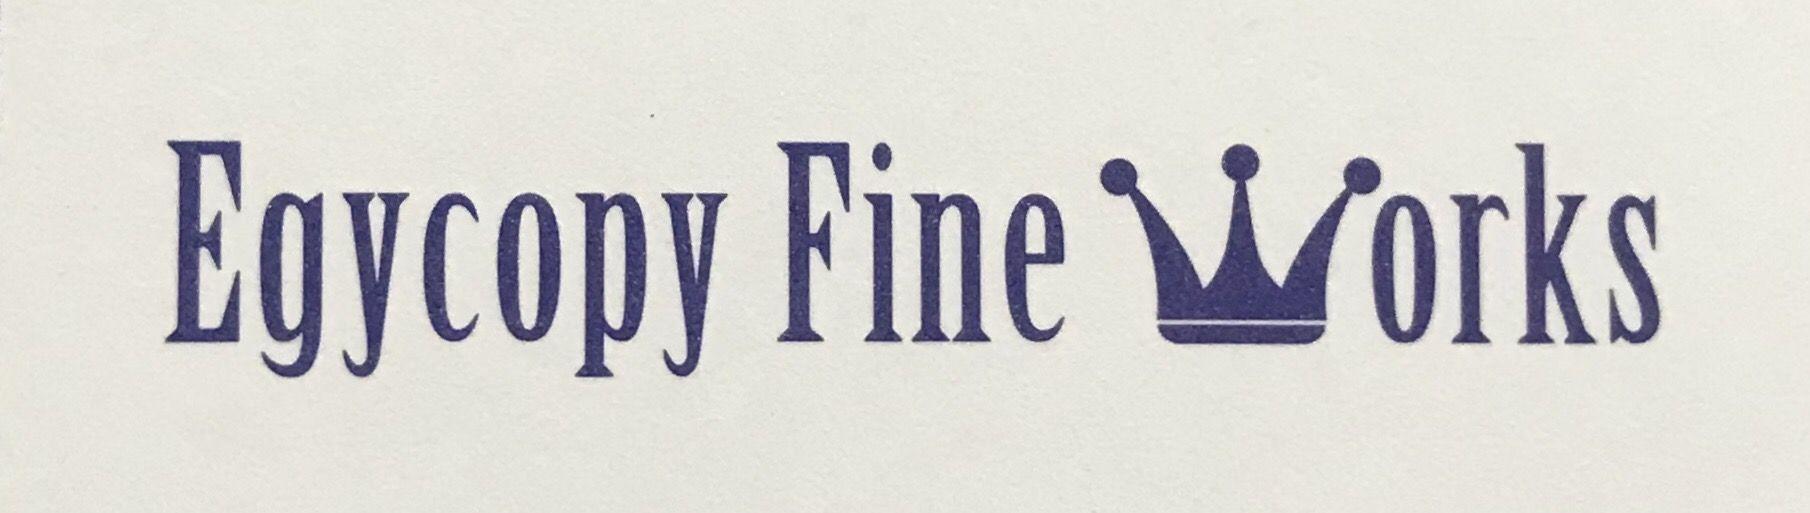 egycopy fine works